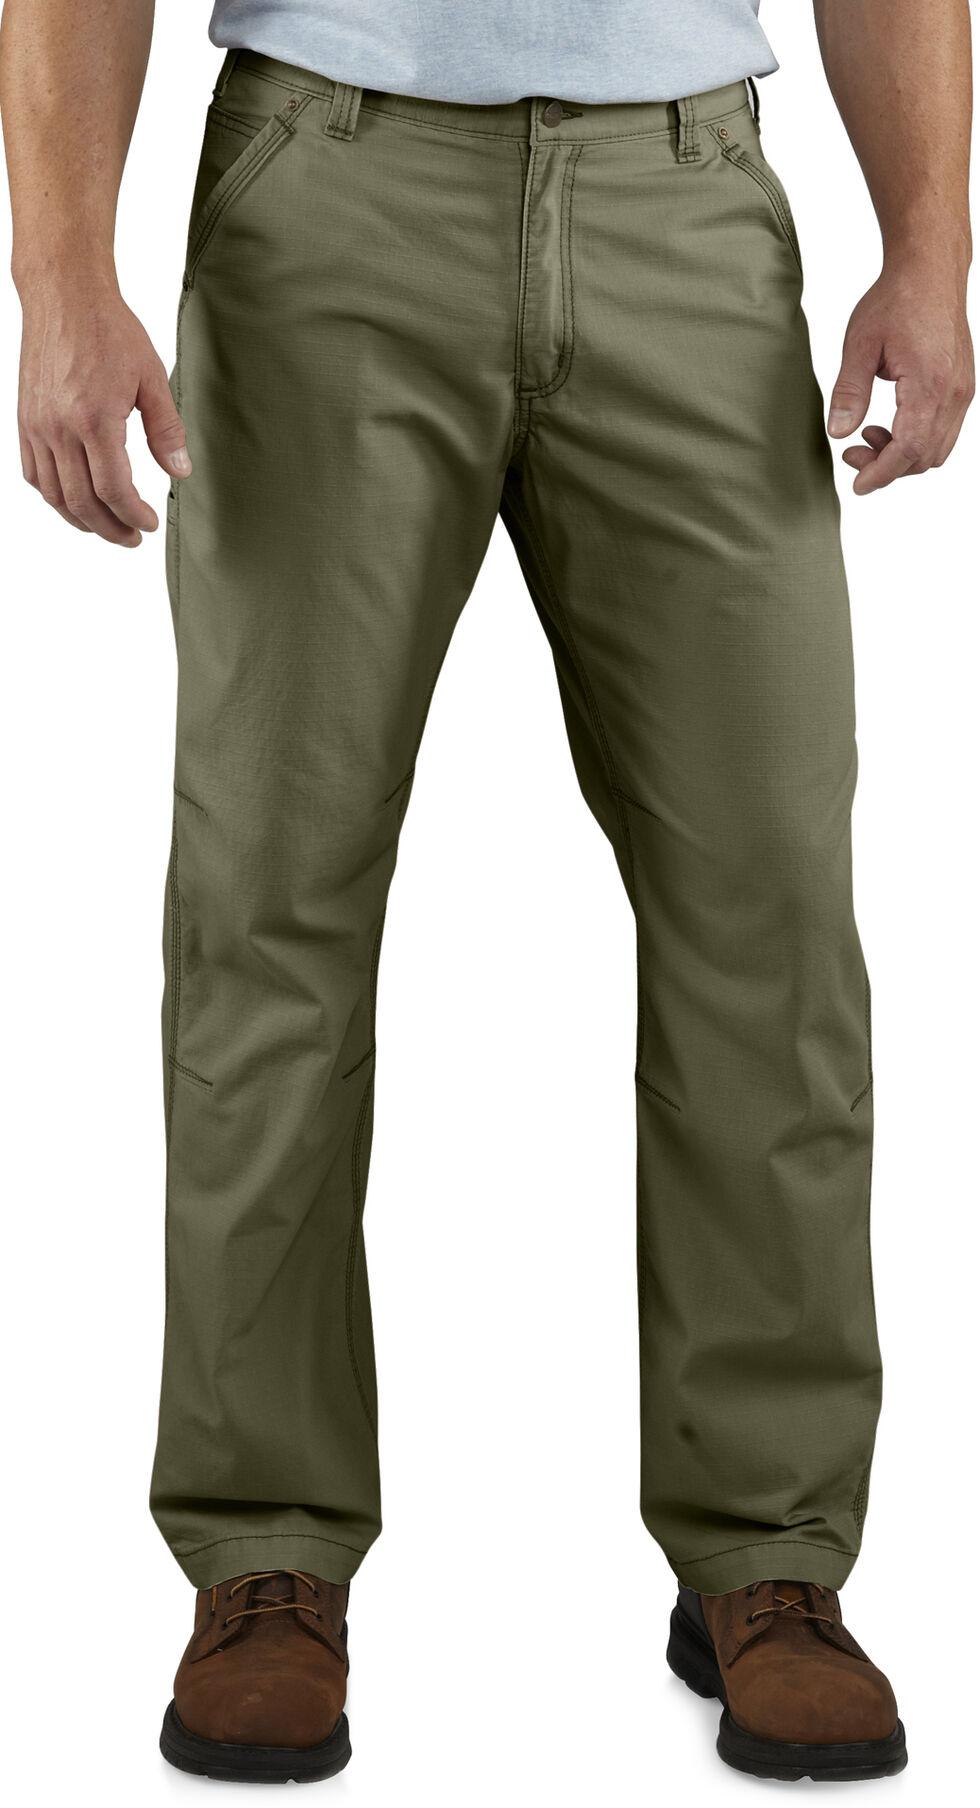 Carhartt Tacoma Ripstop Work Pants, Green, hi-res